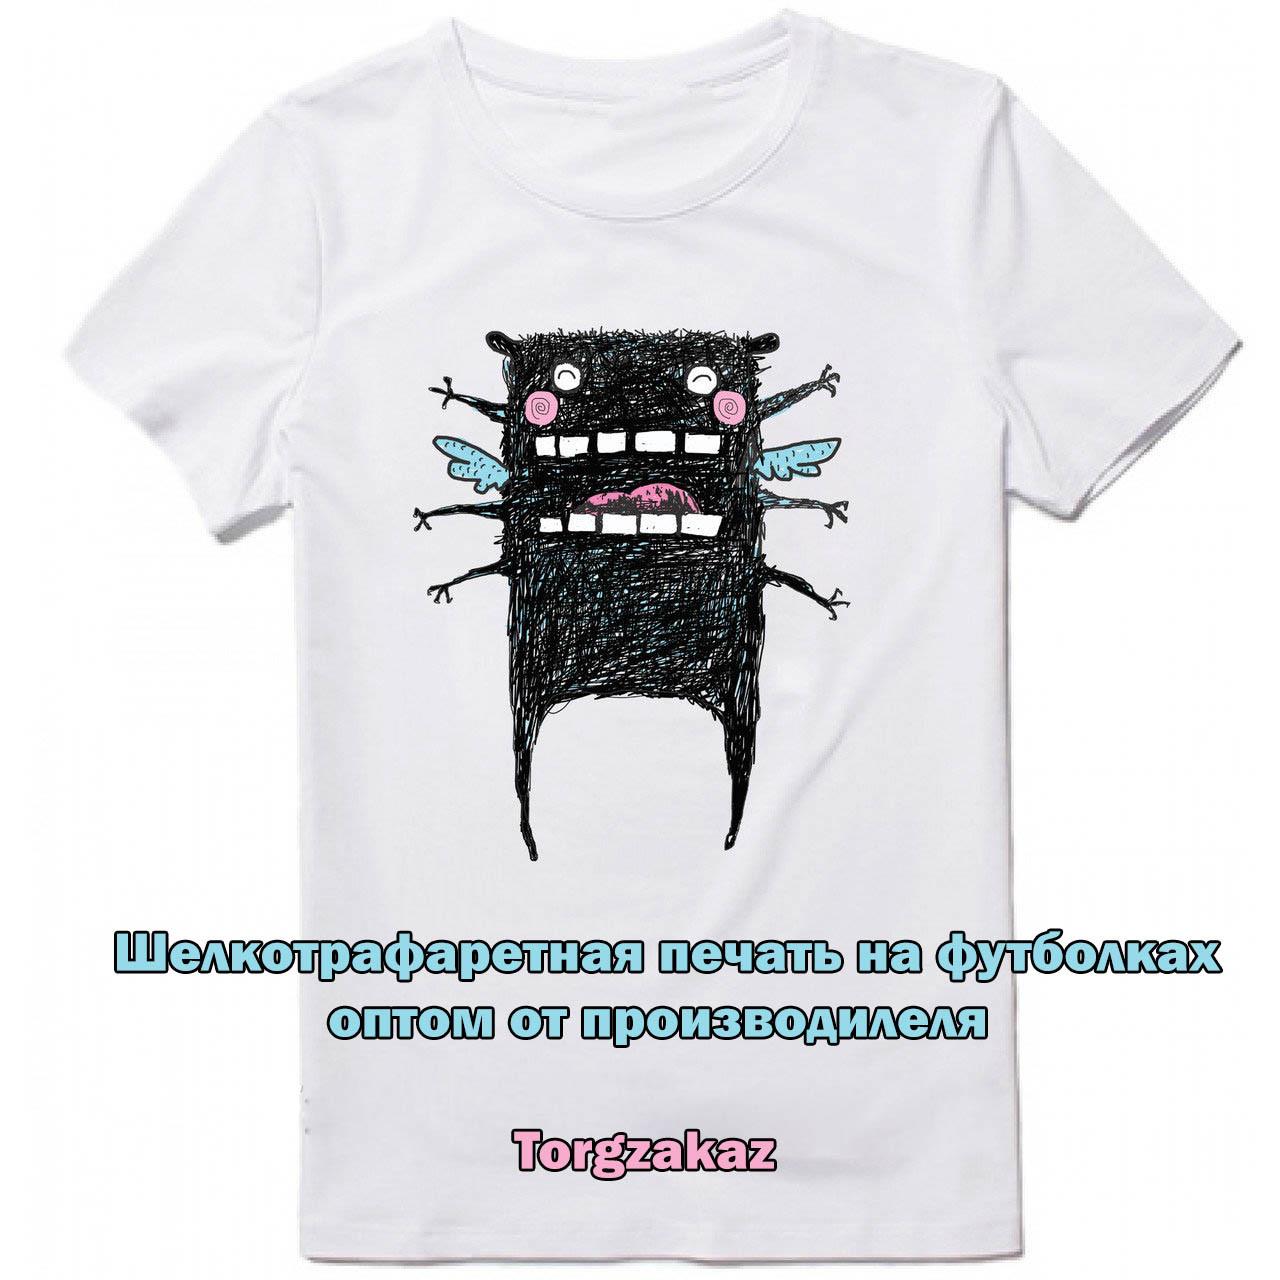 шелкография на футболках википедия